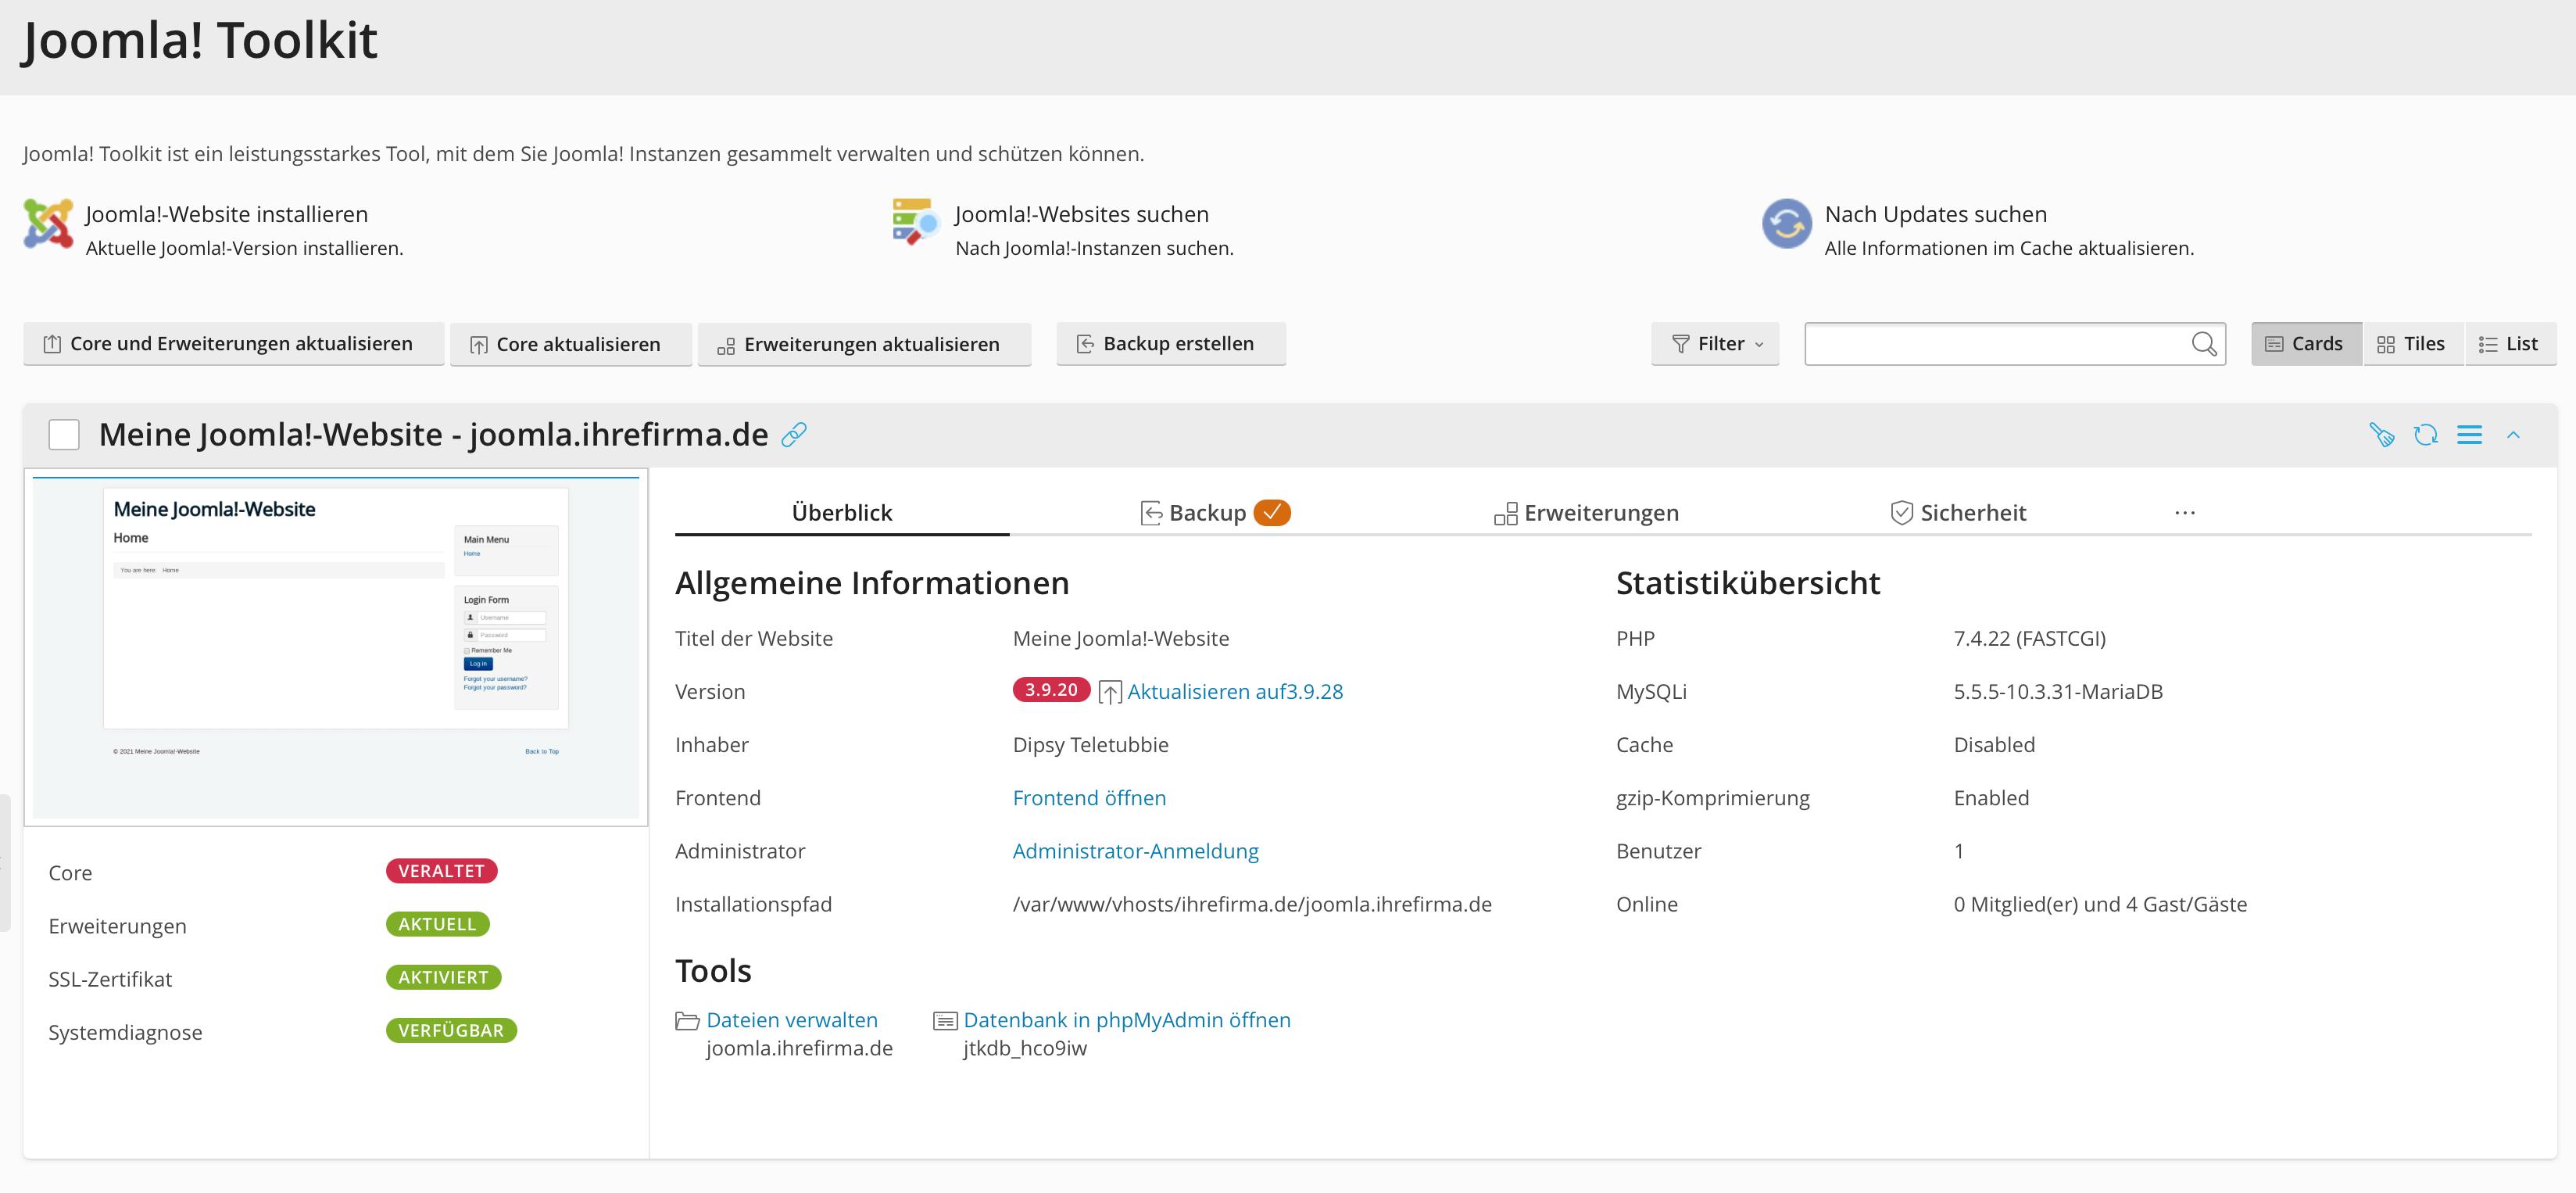 Joomla Toolkit Extension